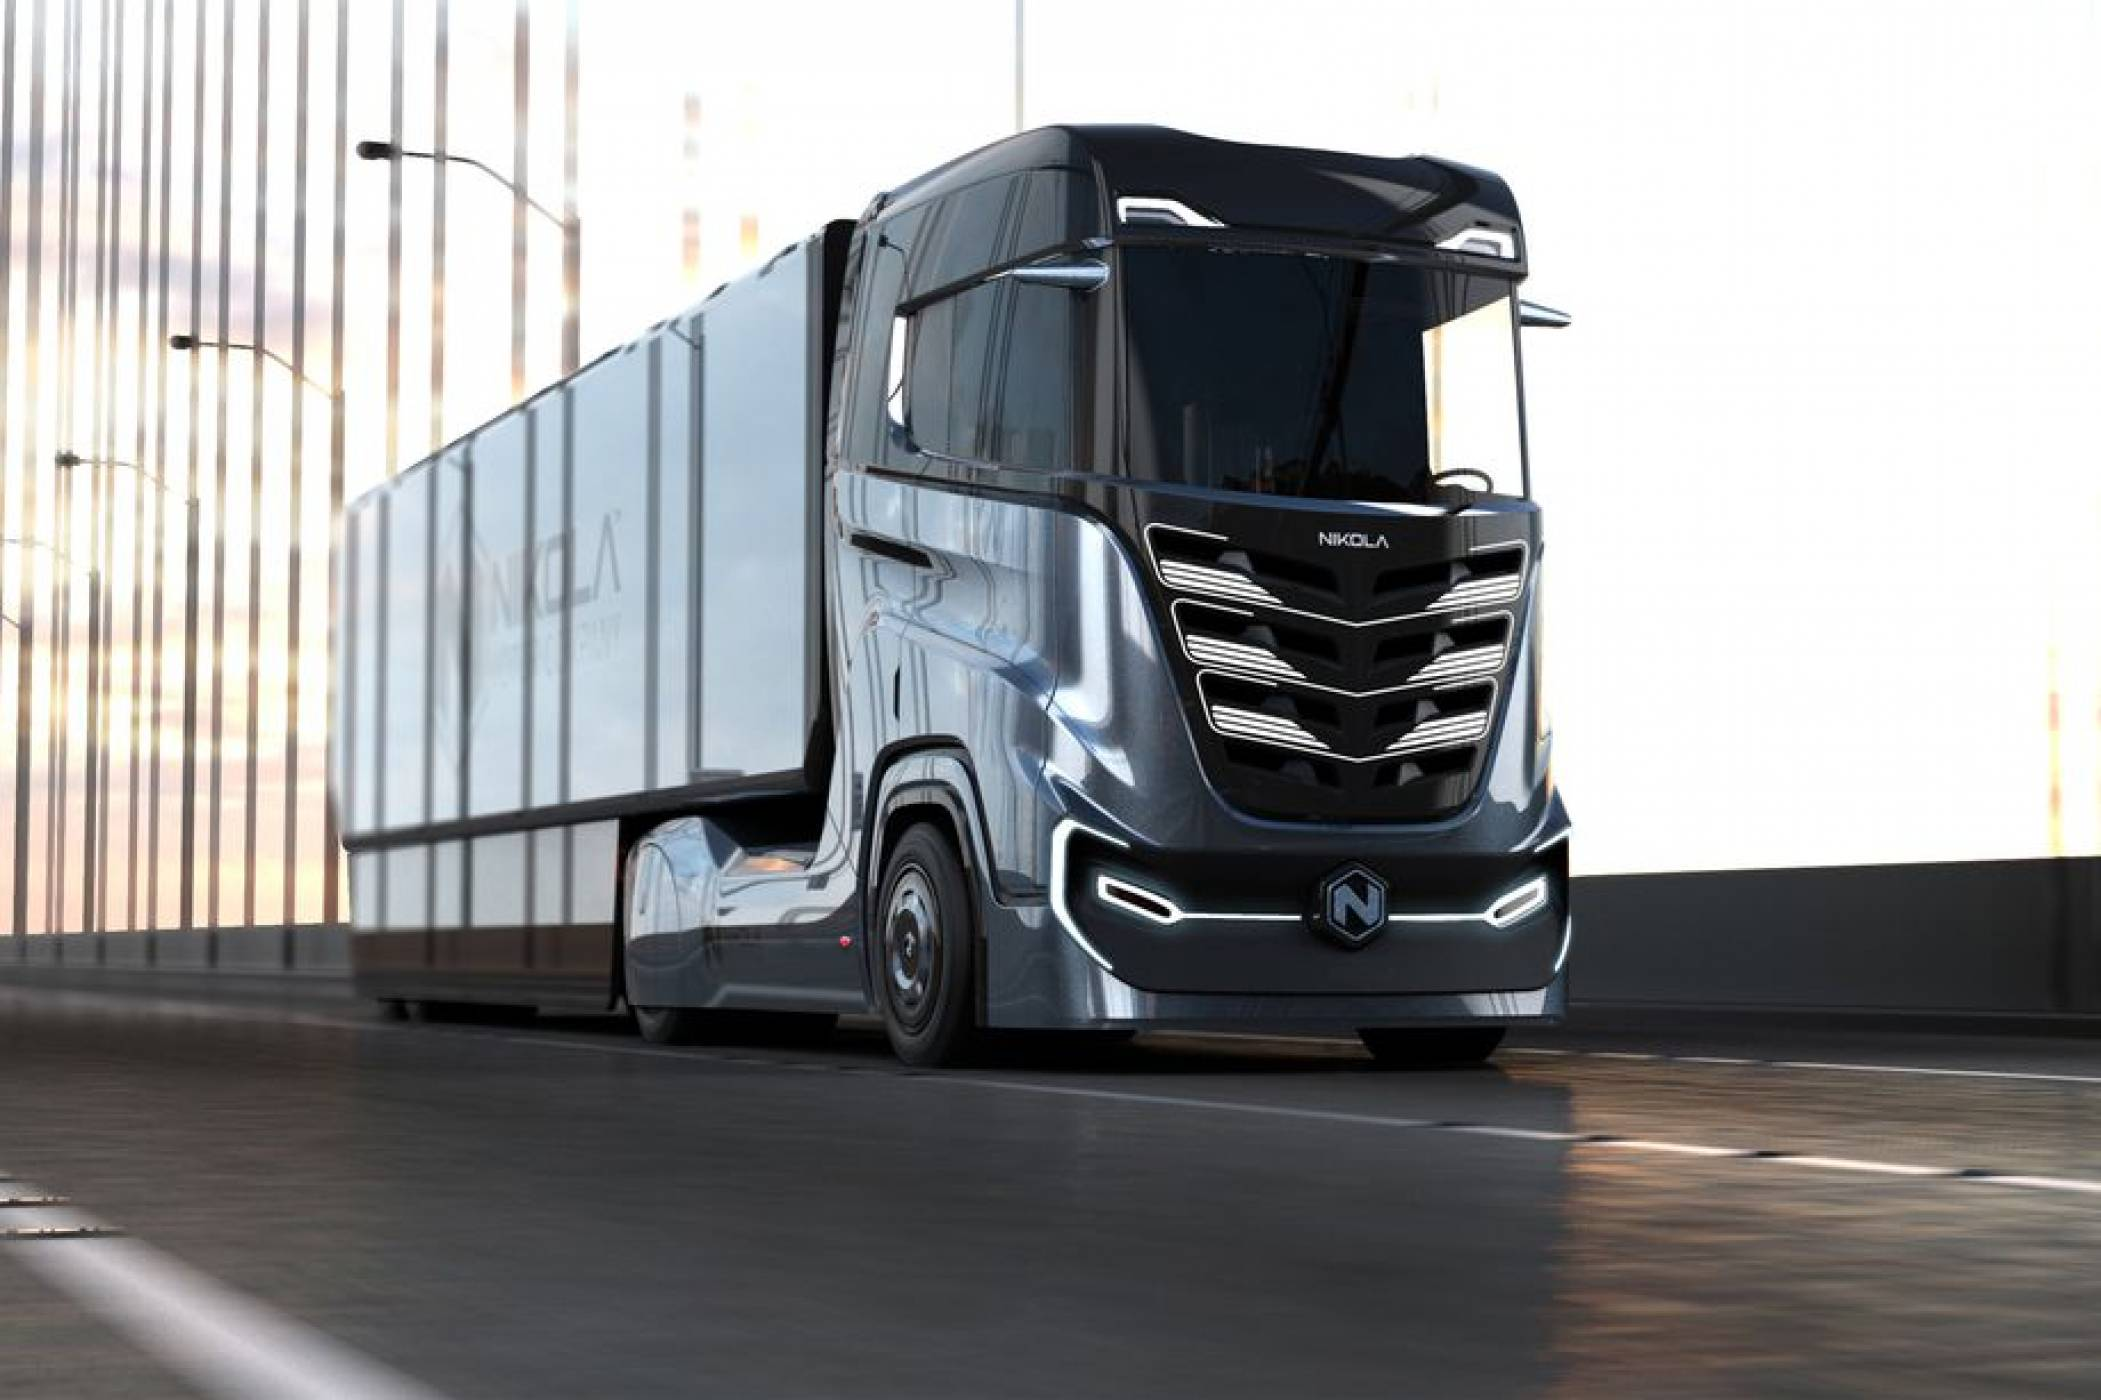 Новият камион с водородно гориво на Nikola ще се движи по европейските пътища